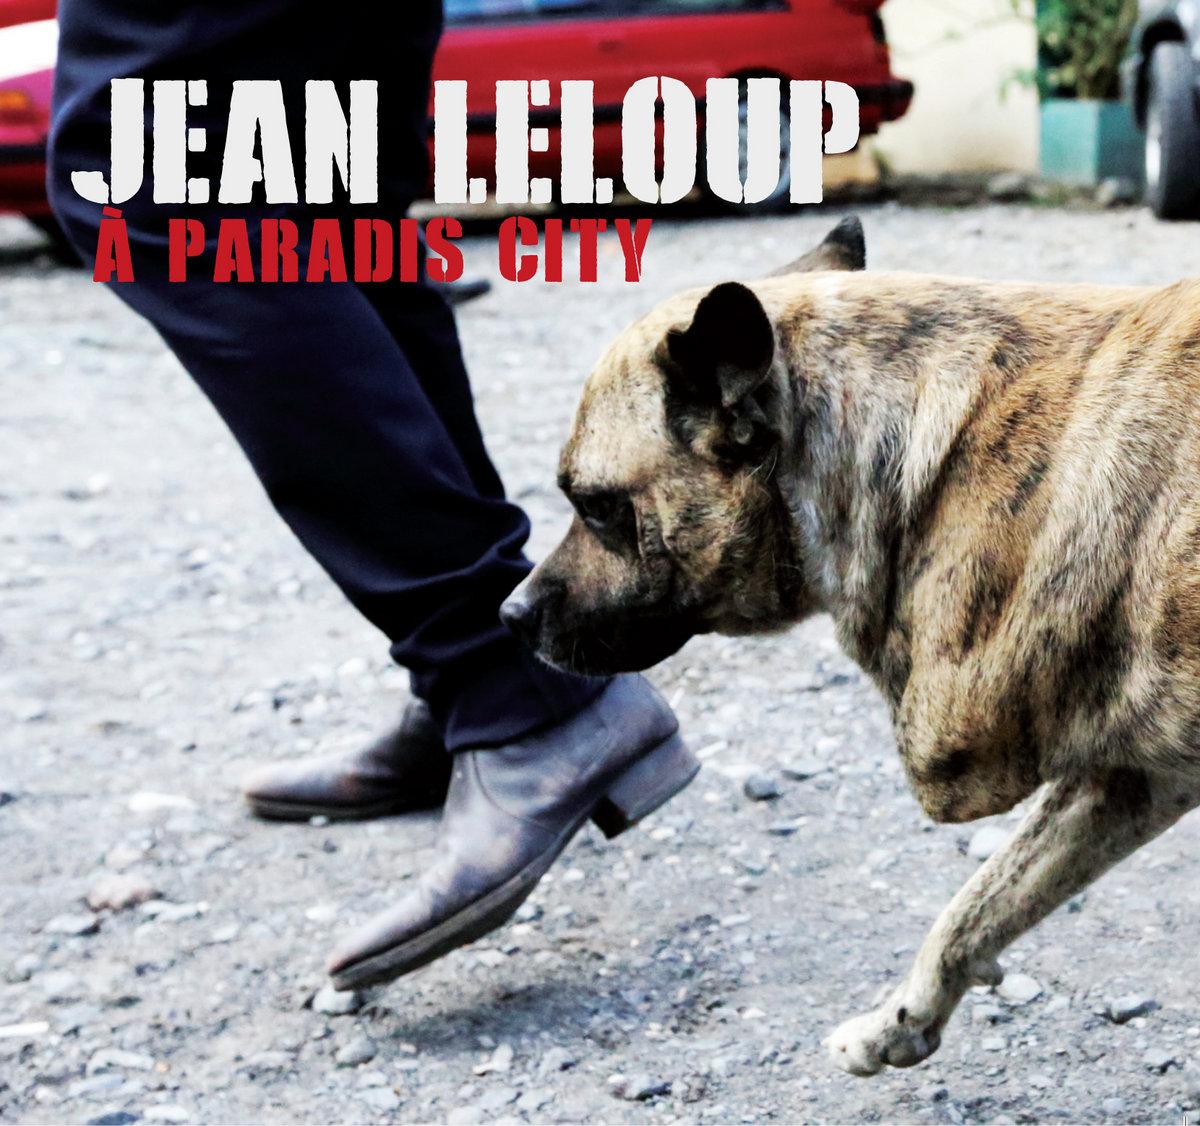 jean leloup : paradis city (2015)